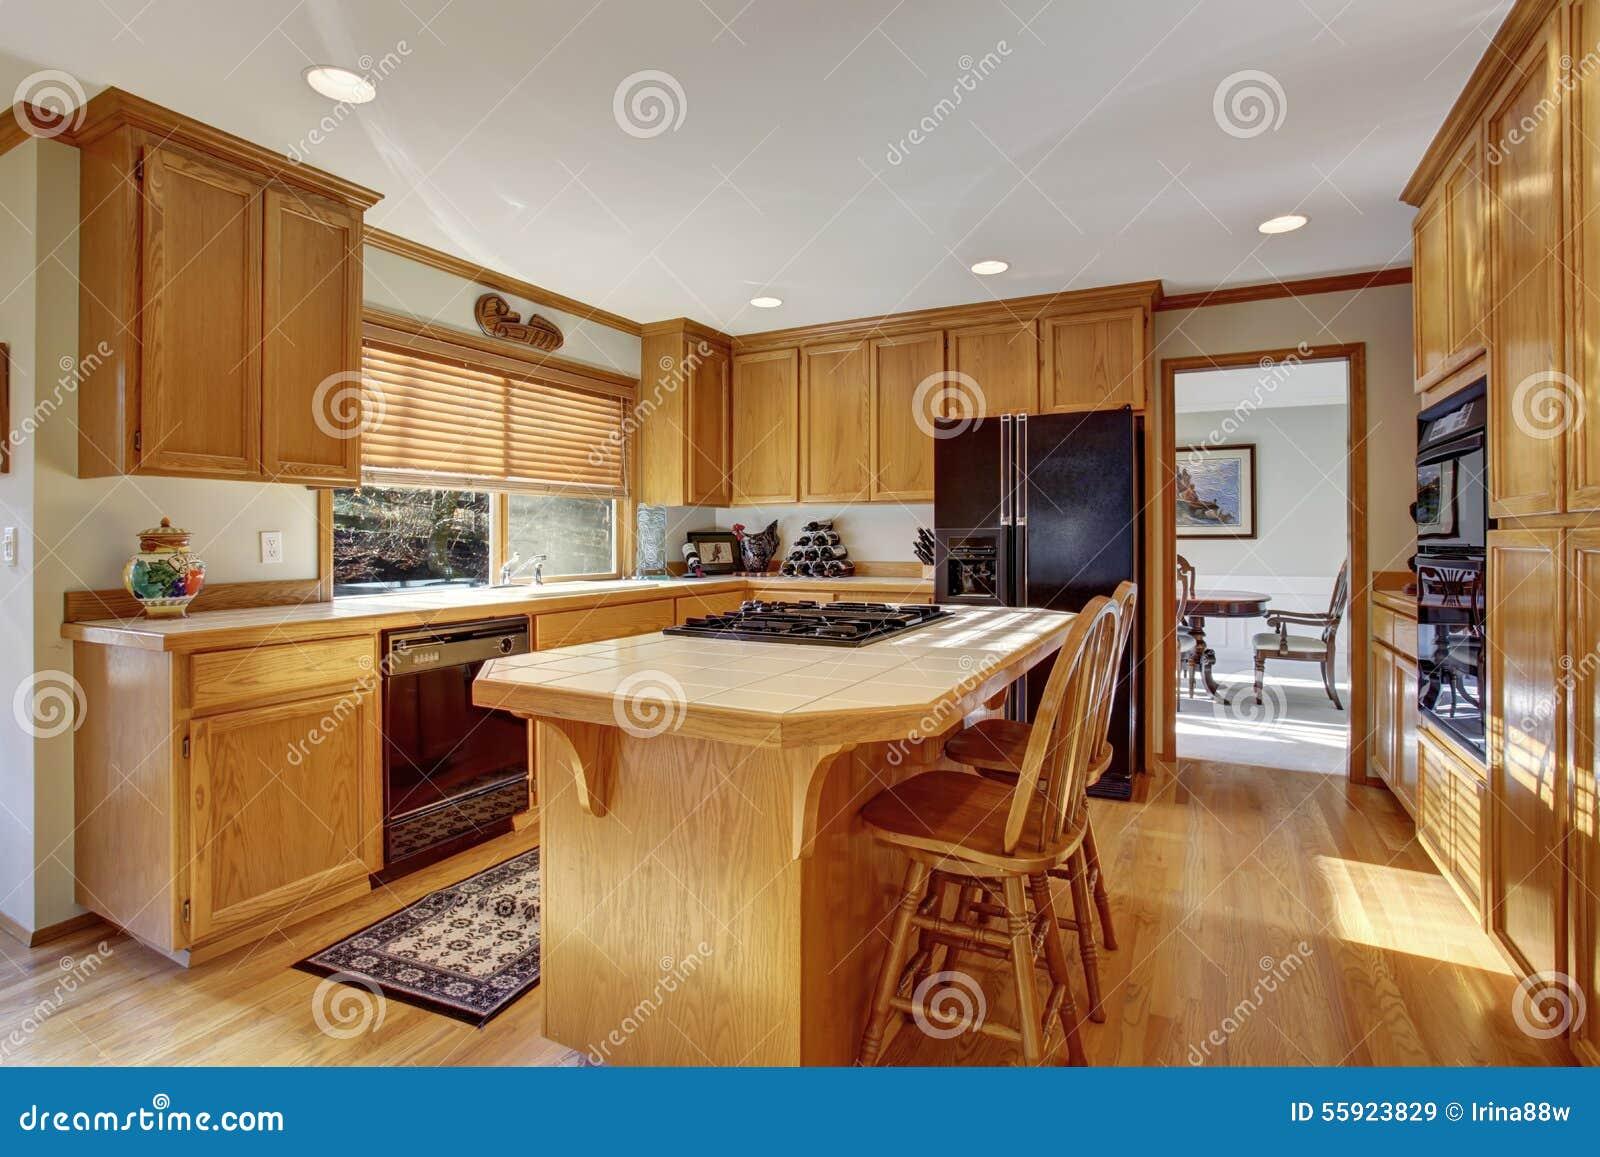 Cucina Giorgia Mondo Convenienza.Cucina Giorgia Mondo Convenienza Cucine Leroy Merlin